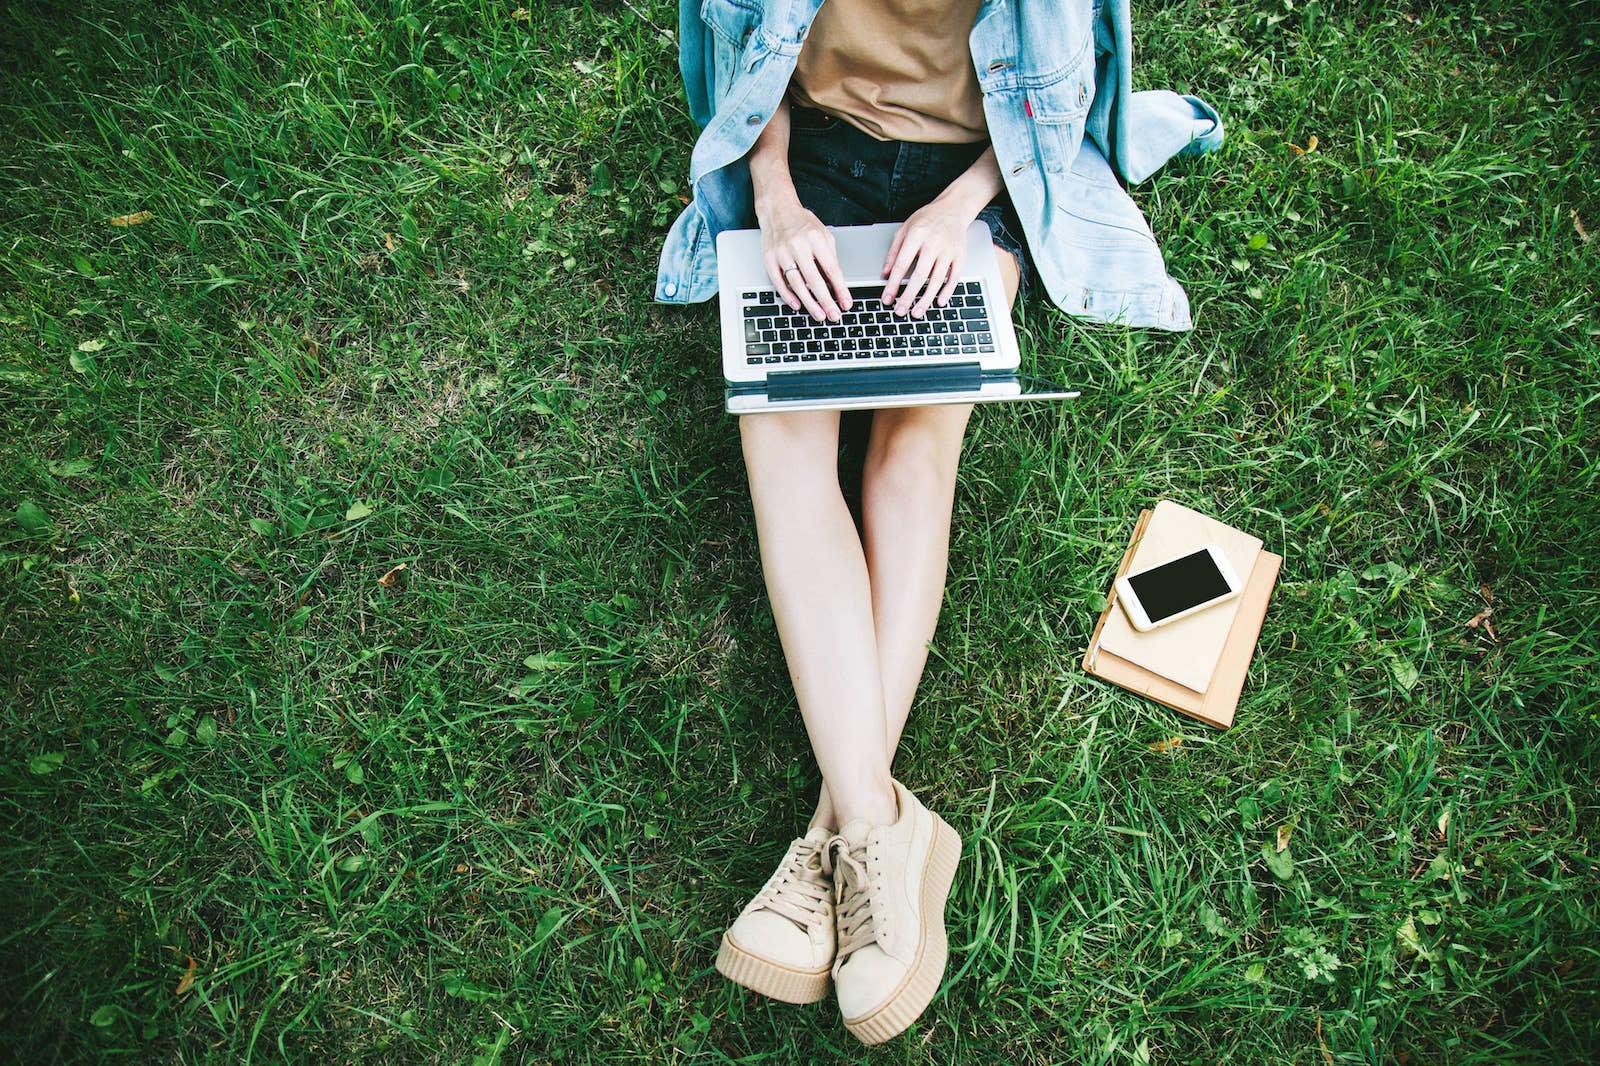 Arbeiten vs. Studieren: Warum du dich nach Studienabschluss aufs Arbeiten freuen kannst